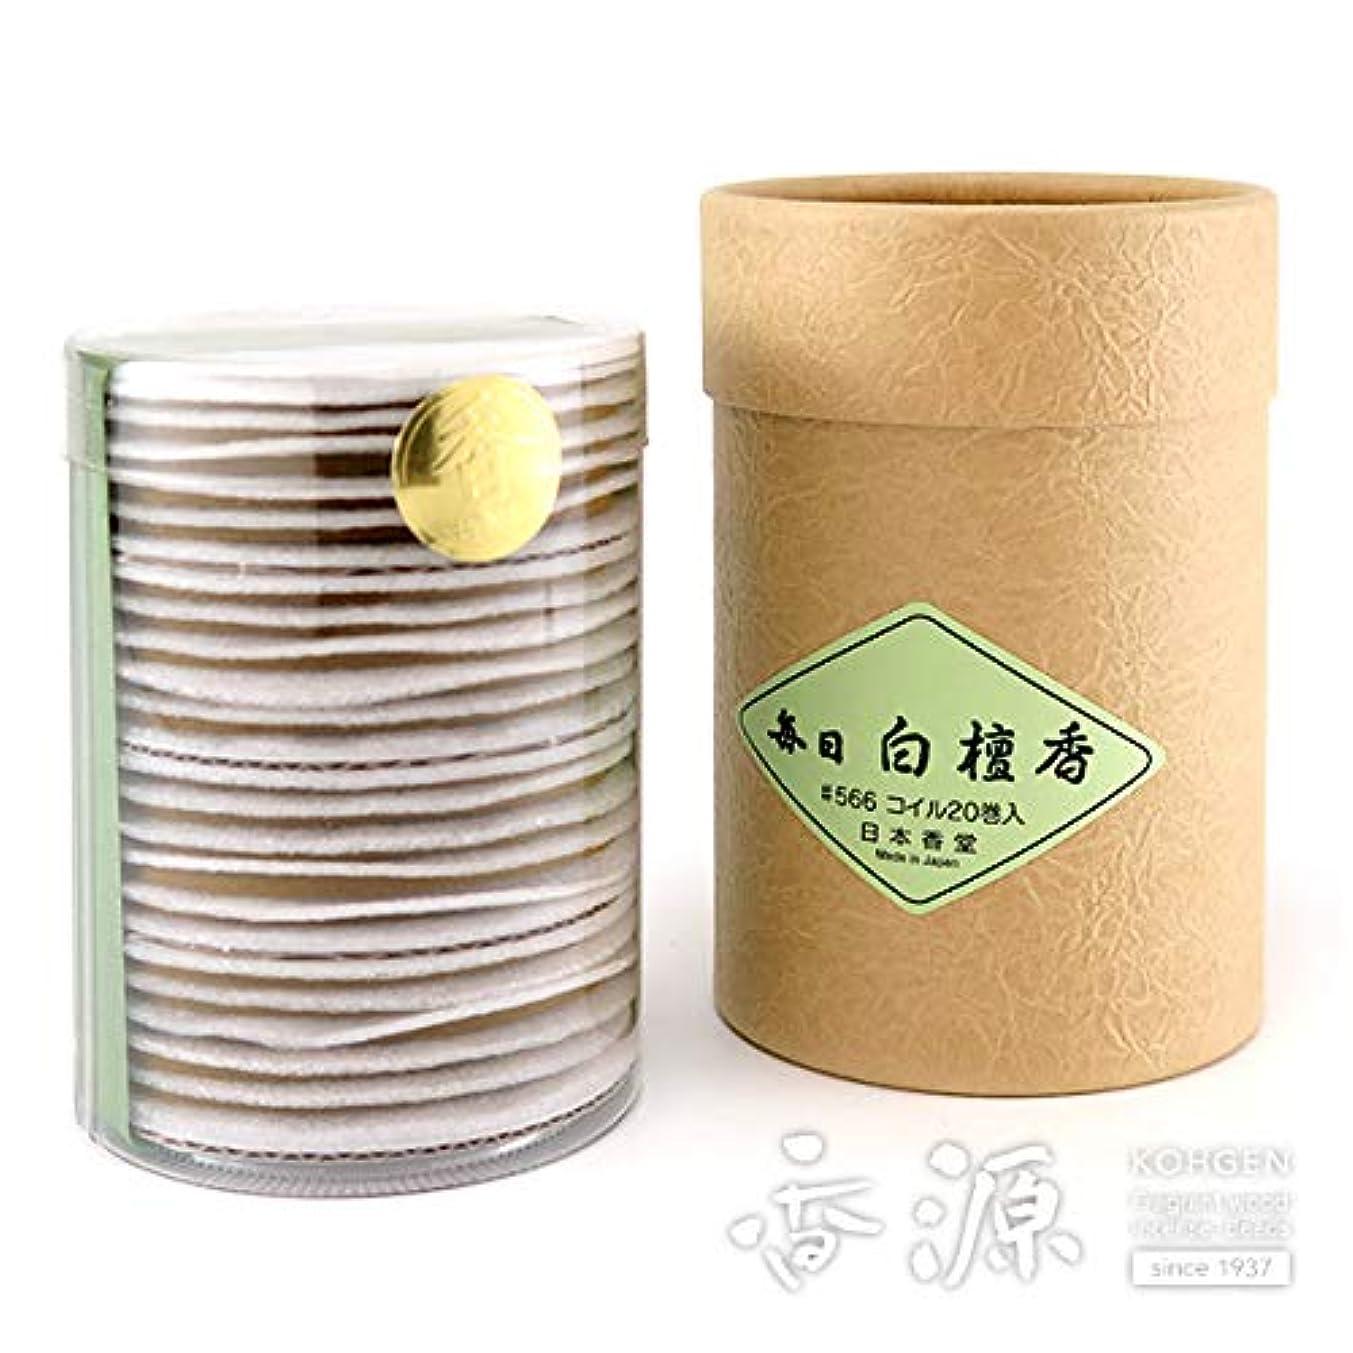 に沿って誘発する推論日本香堂のお香 毎日白檀香 徳用渦巻型20枚入